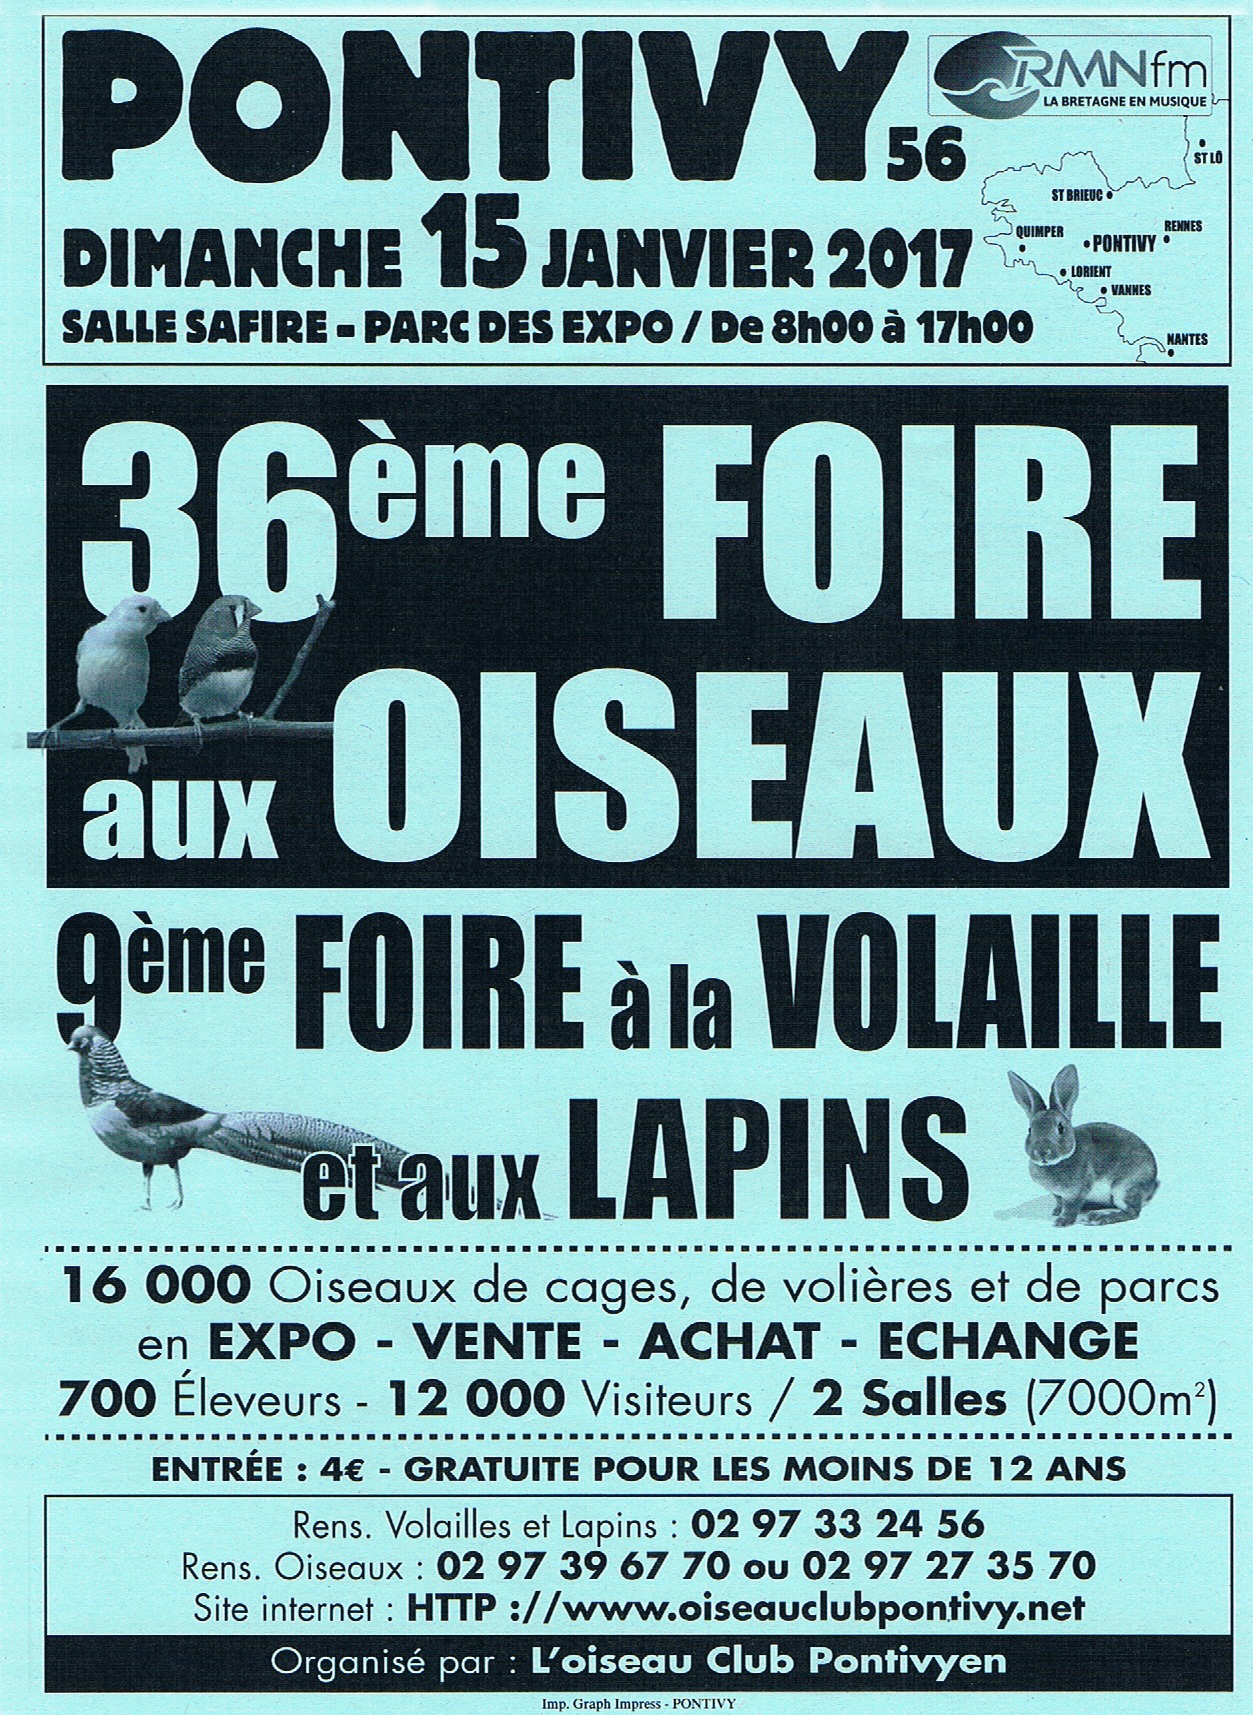 36 ème Foire aux oiseaux et 9 ème foire à la volaille et aux lapins à Pontivy (56), le dimanche 15 janvier 2017